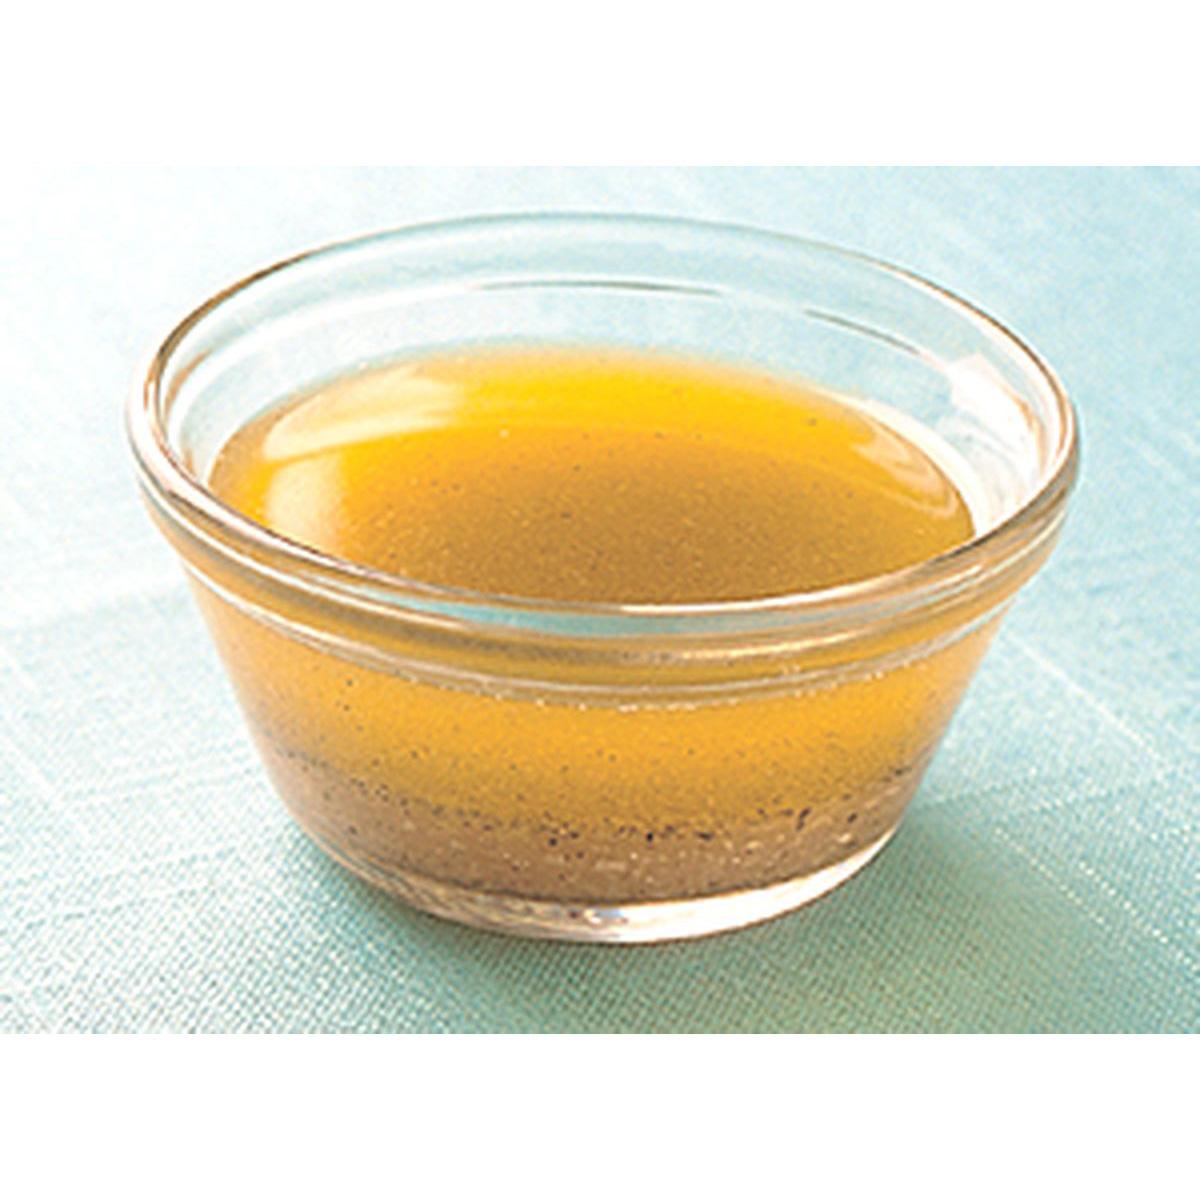 食譜:義大利油醋汁